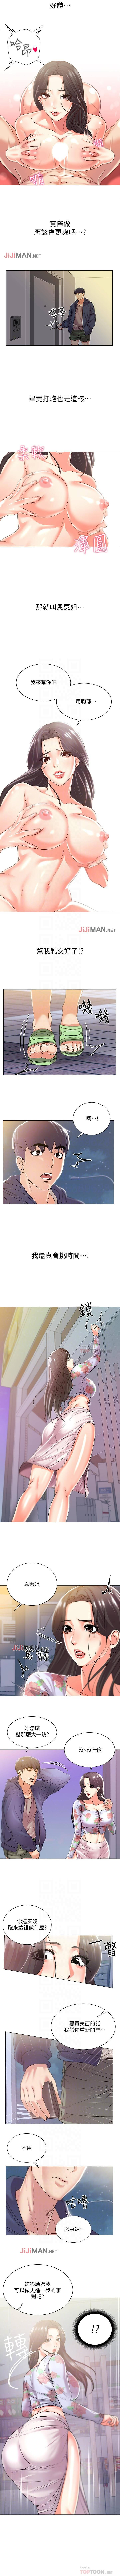 【周三连载】超市的漂亮姐姐(作者:北鼻&逃兵) 第1~40话 92